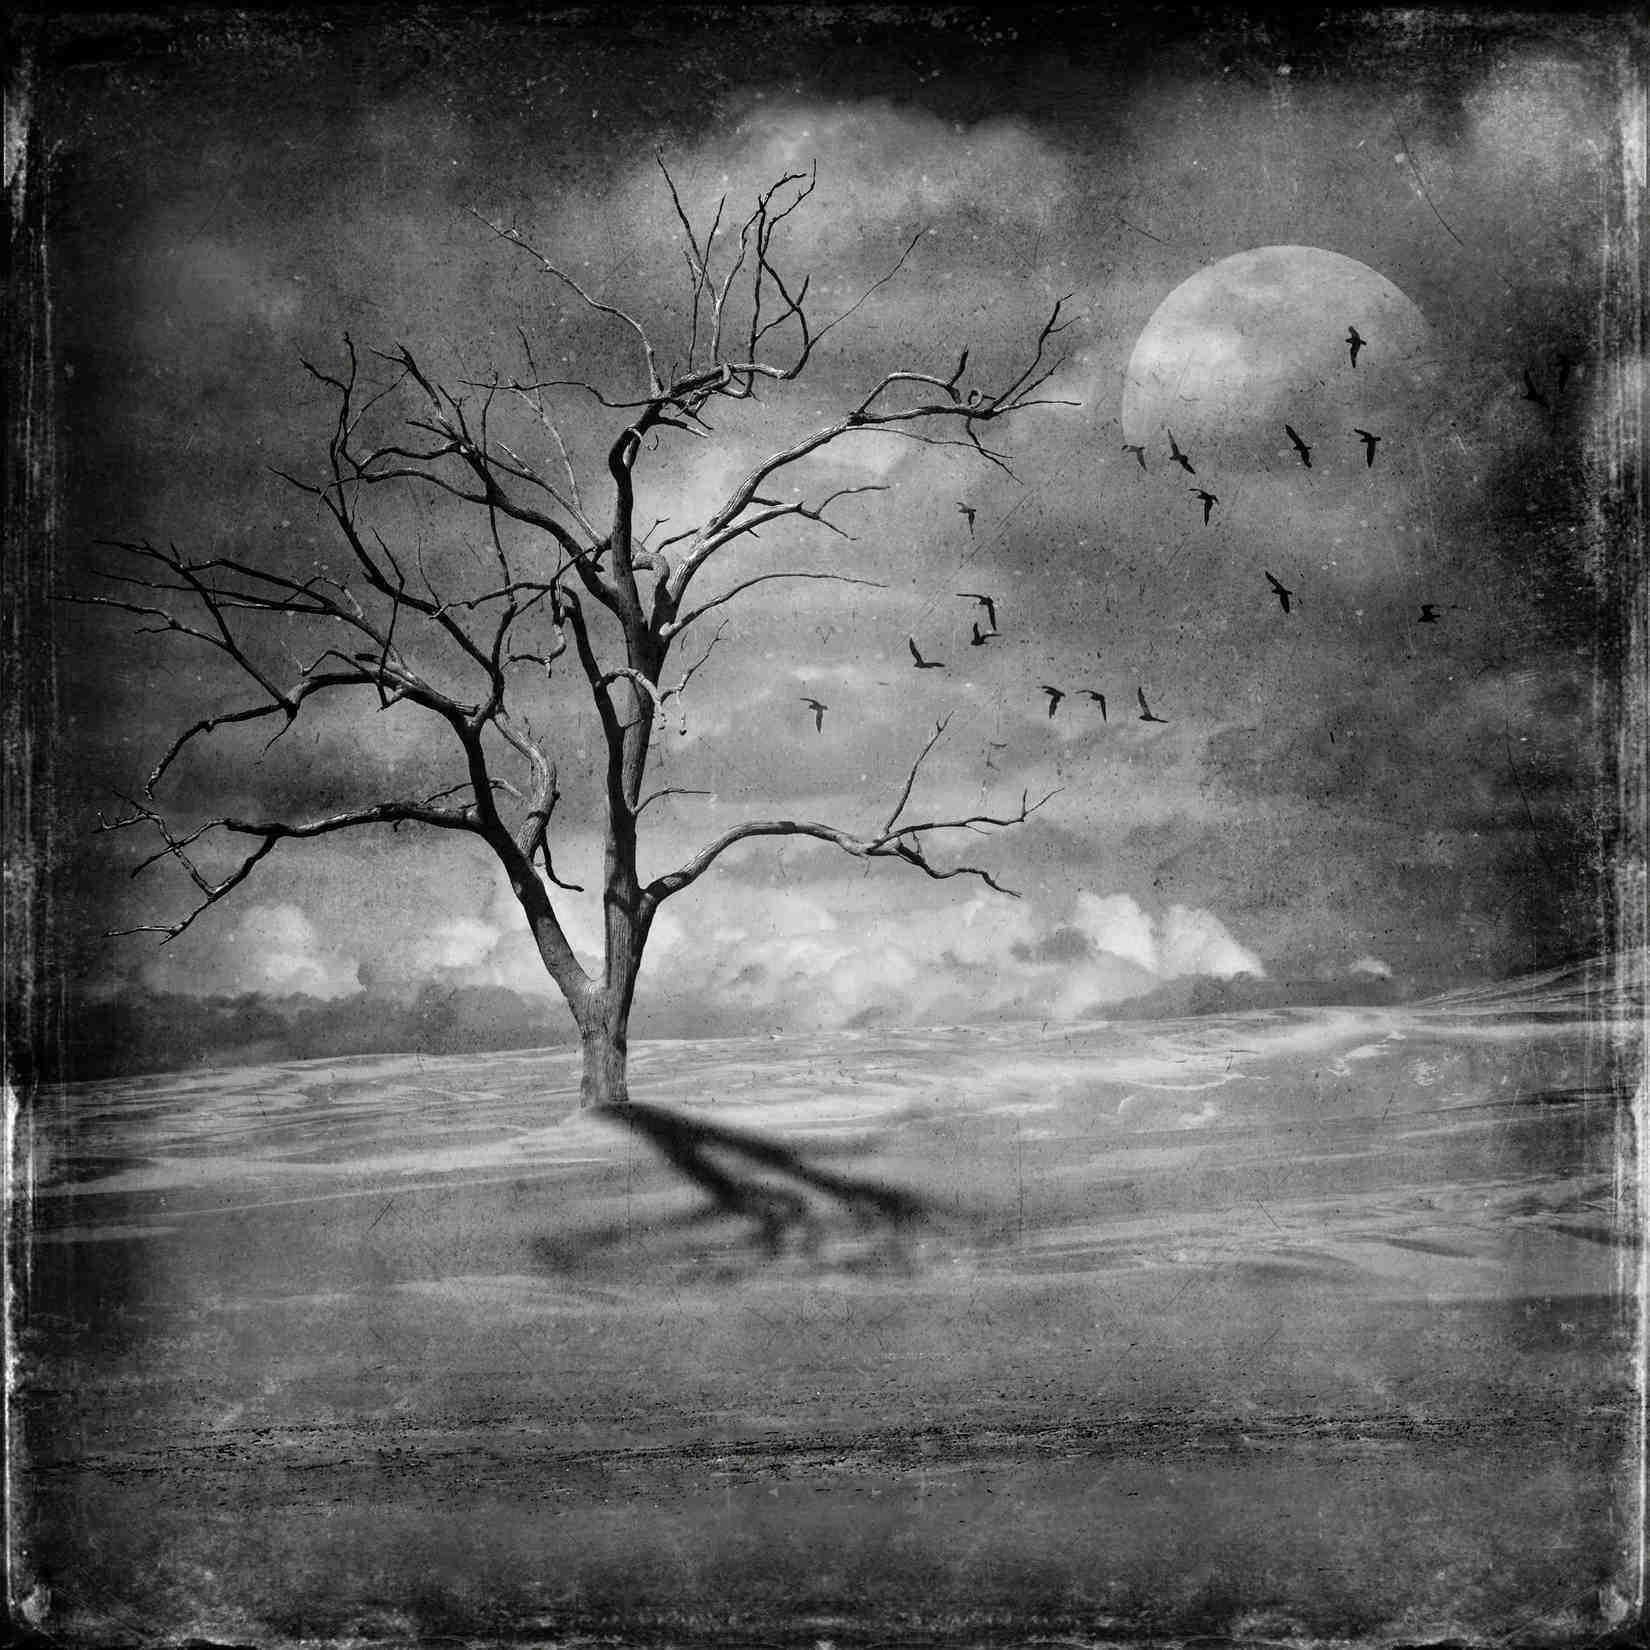 Dead tree in desert landscape